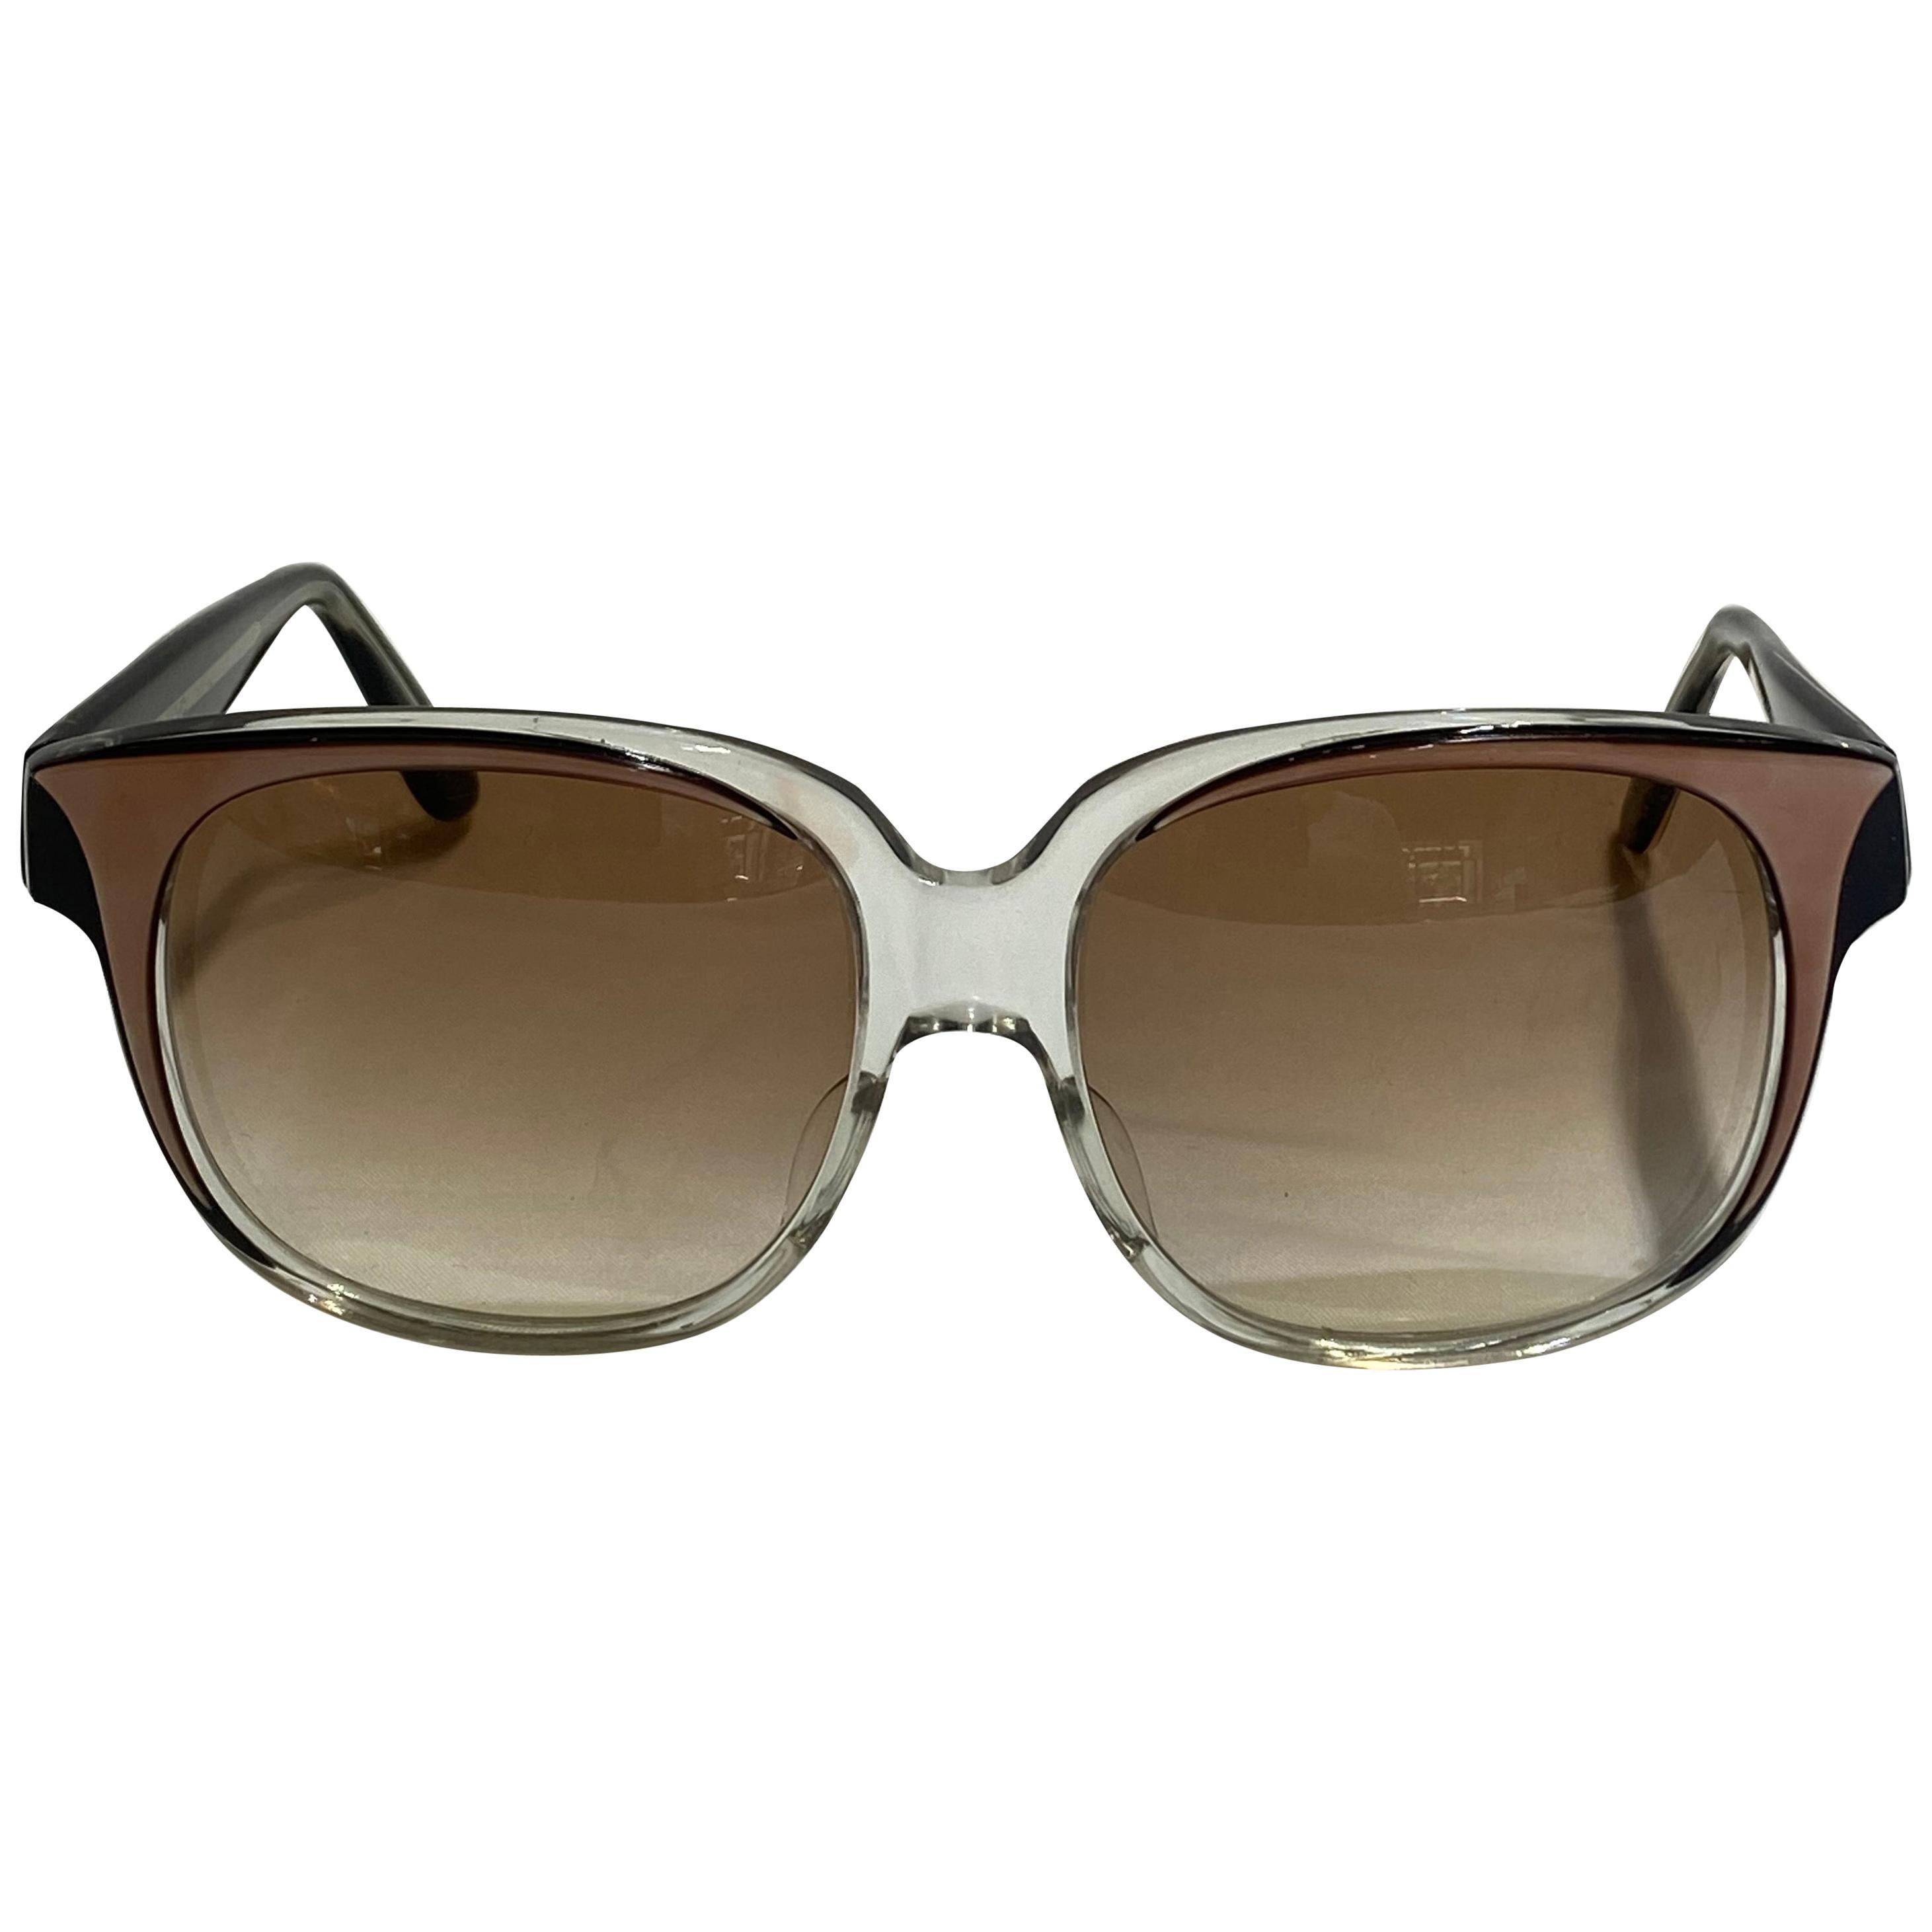 Vintage Emanuel Khanh Paris Square Sunglasses